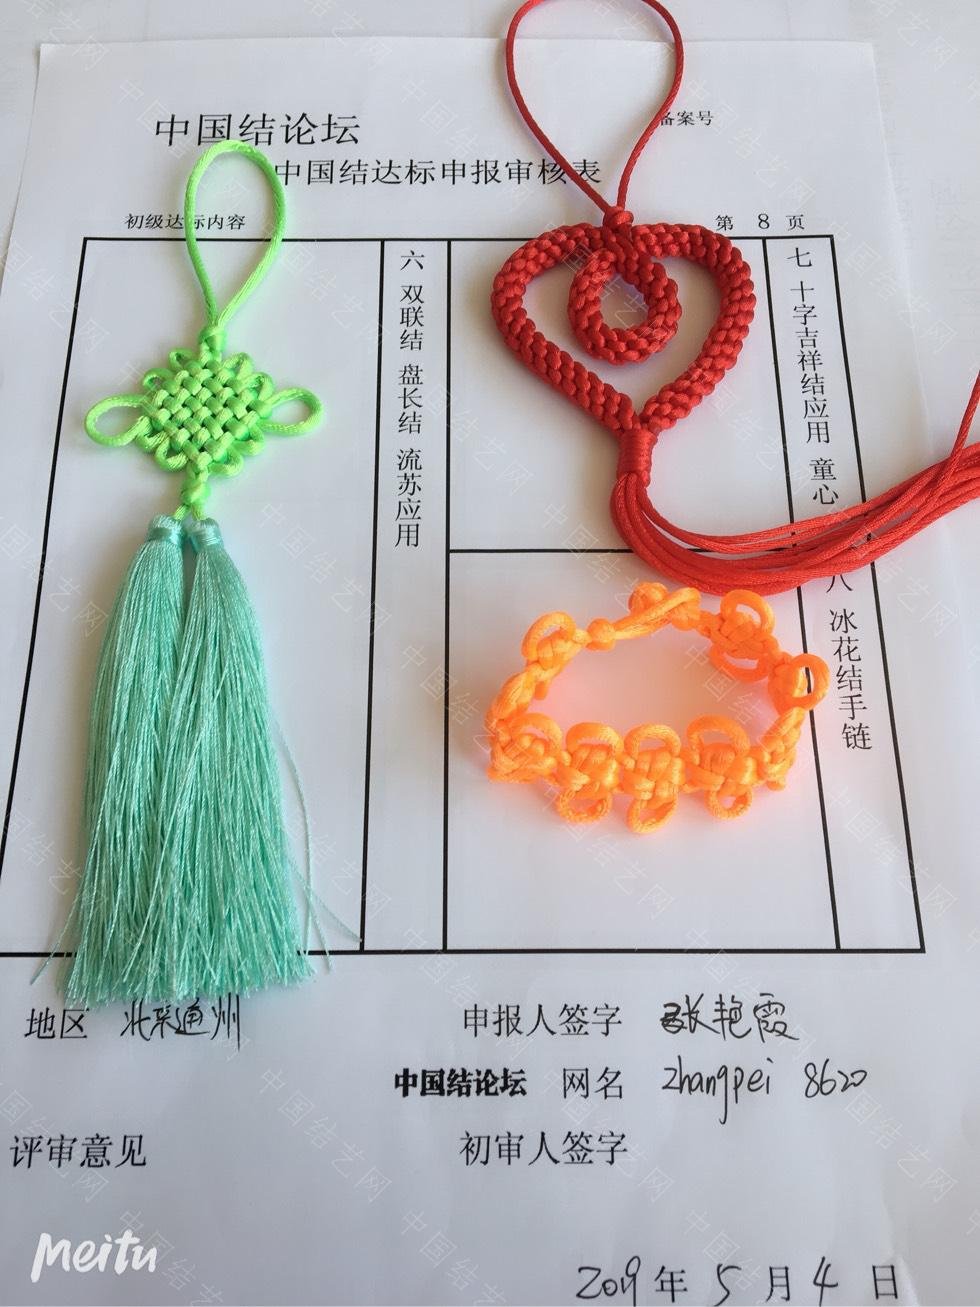 中国结论坛 zhangpei8620-初级考核申请稿件  中国绳结艺术分级达标审核 162439zky7zk24jbkfu72j